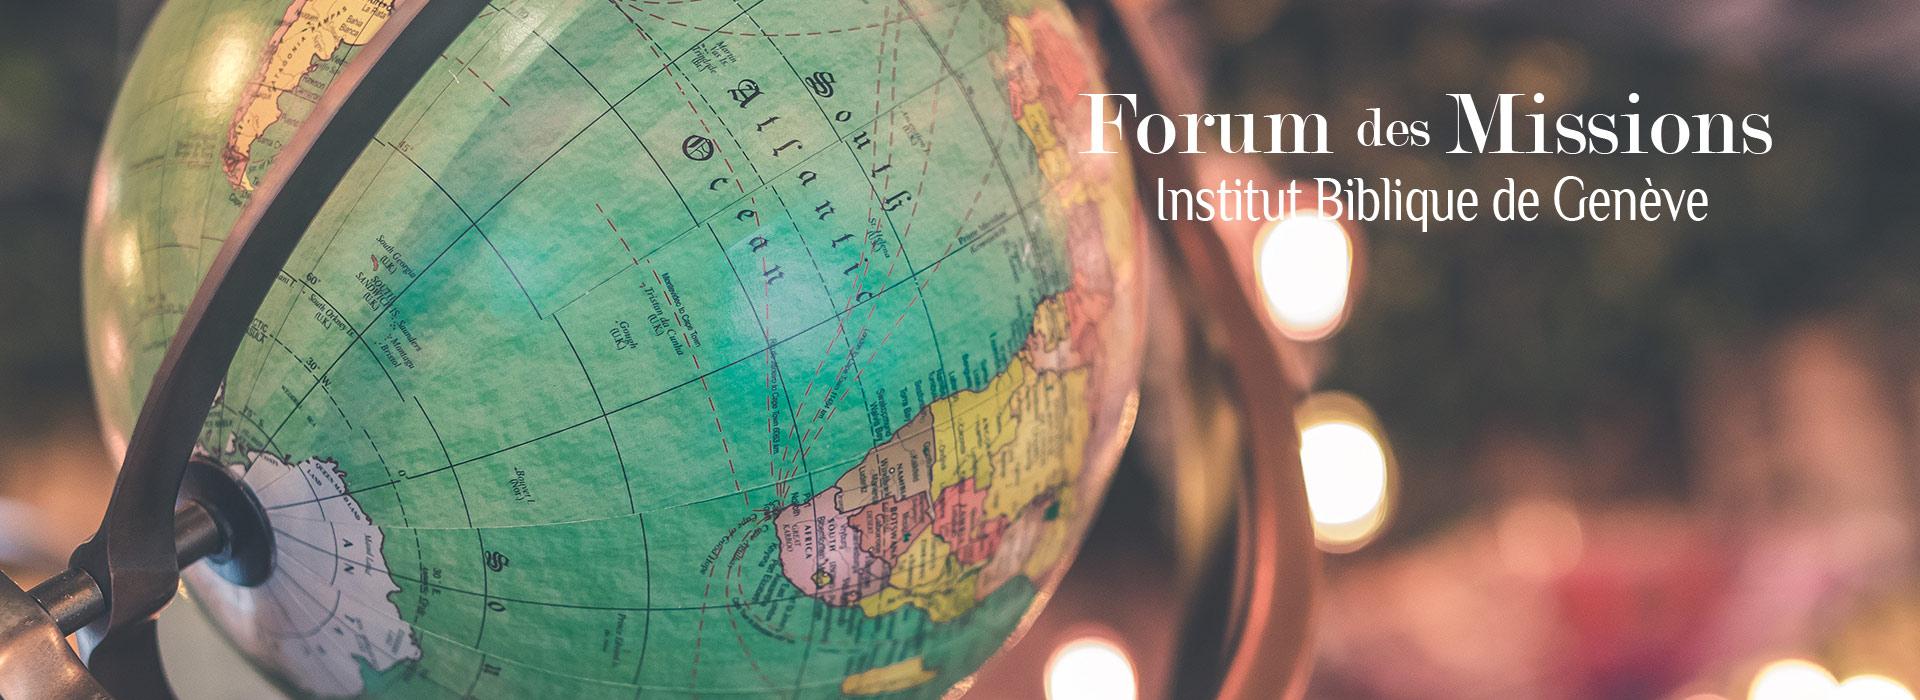 Forum des Missions 2019